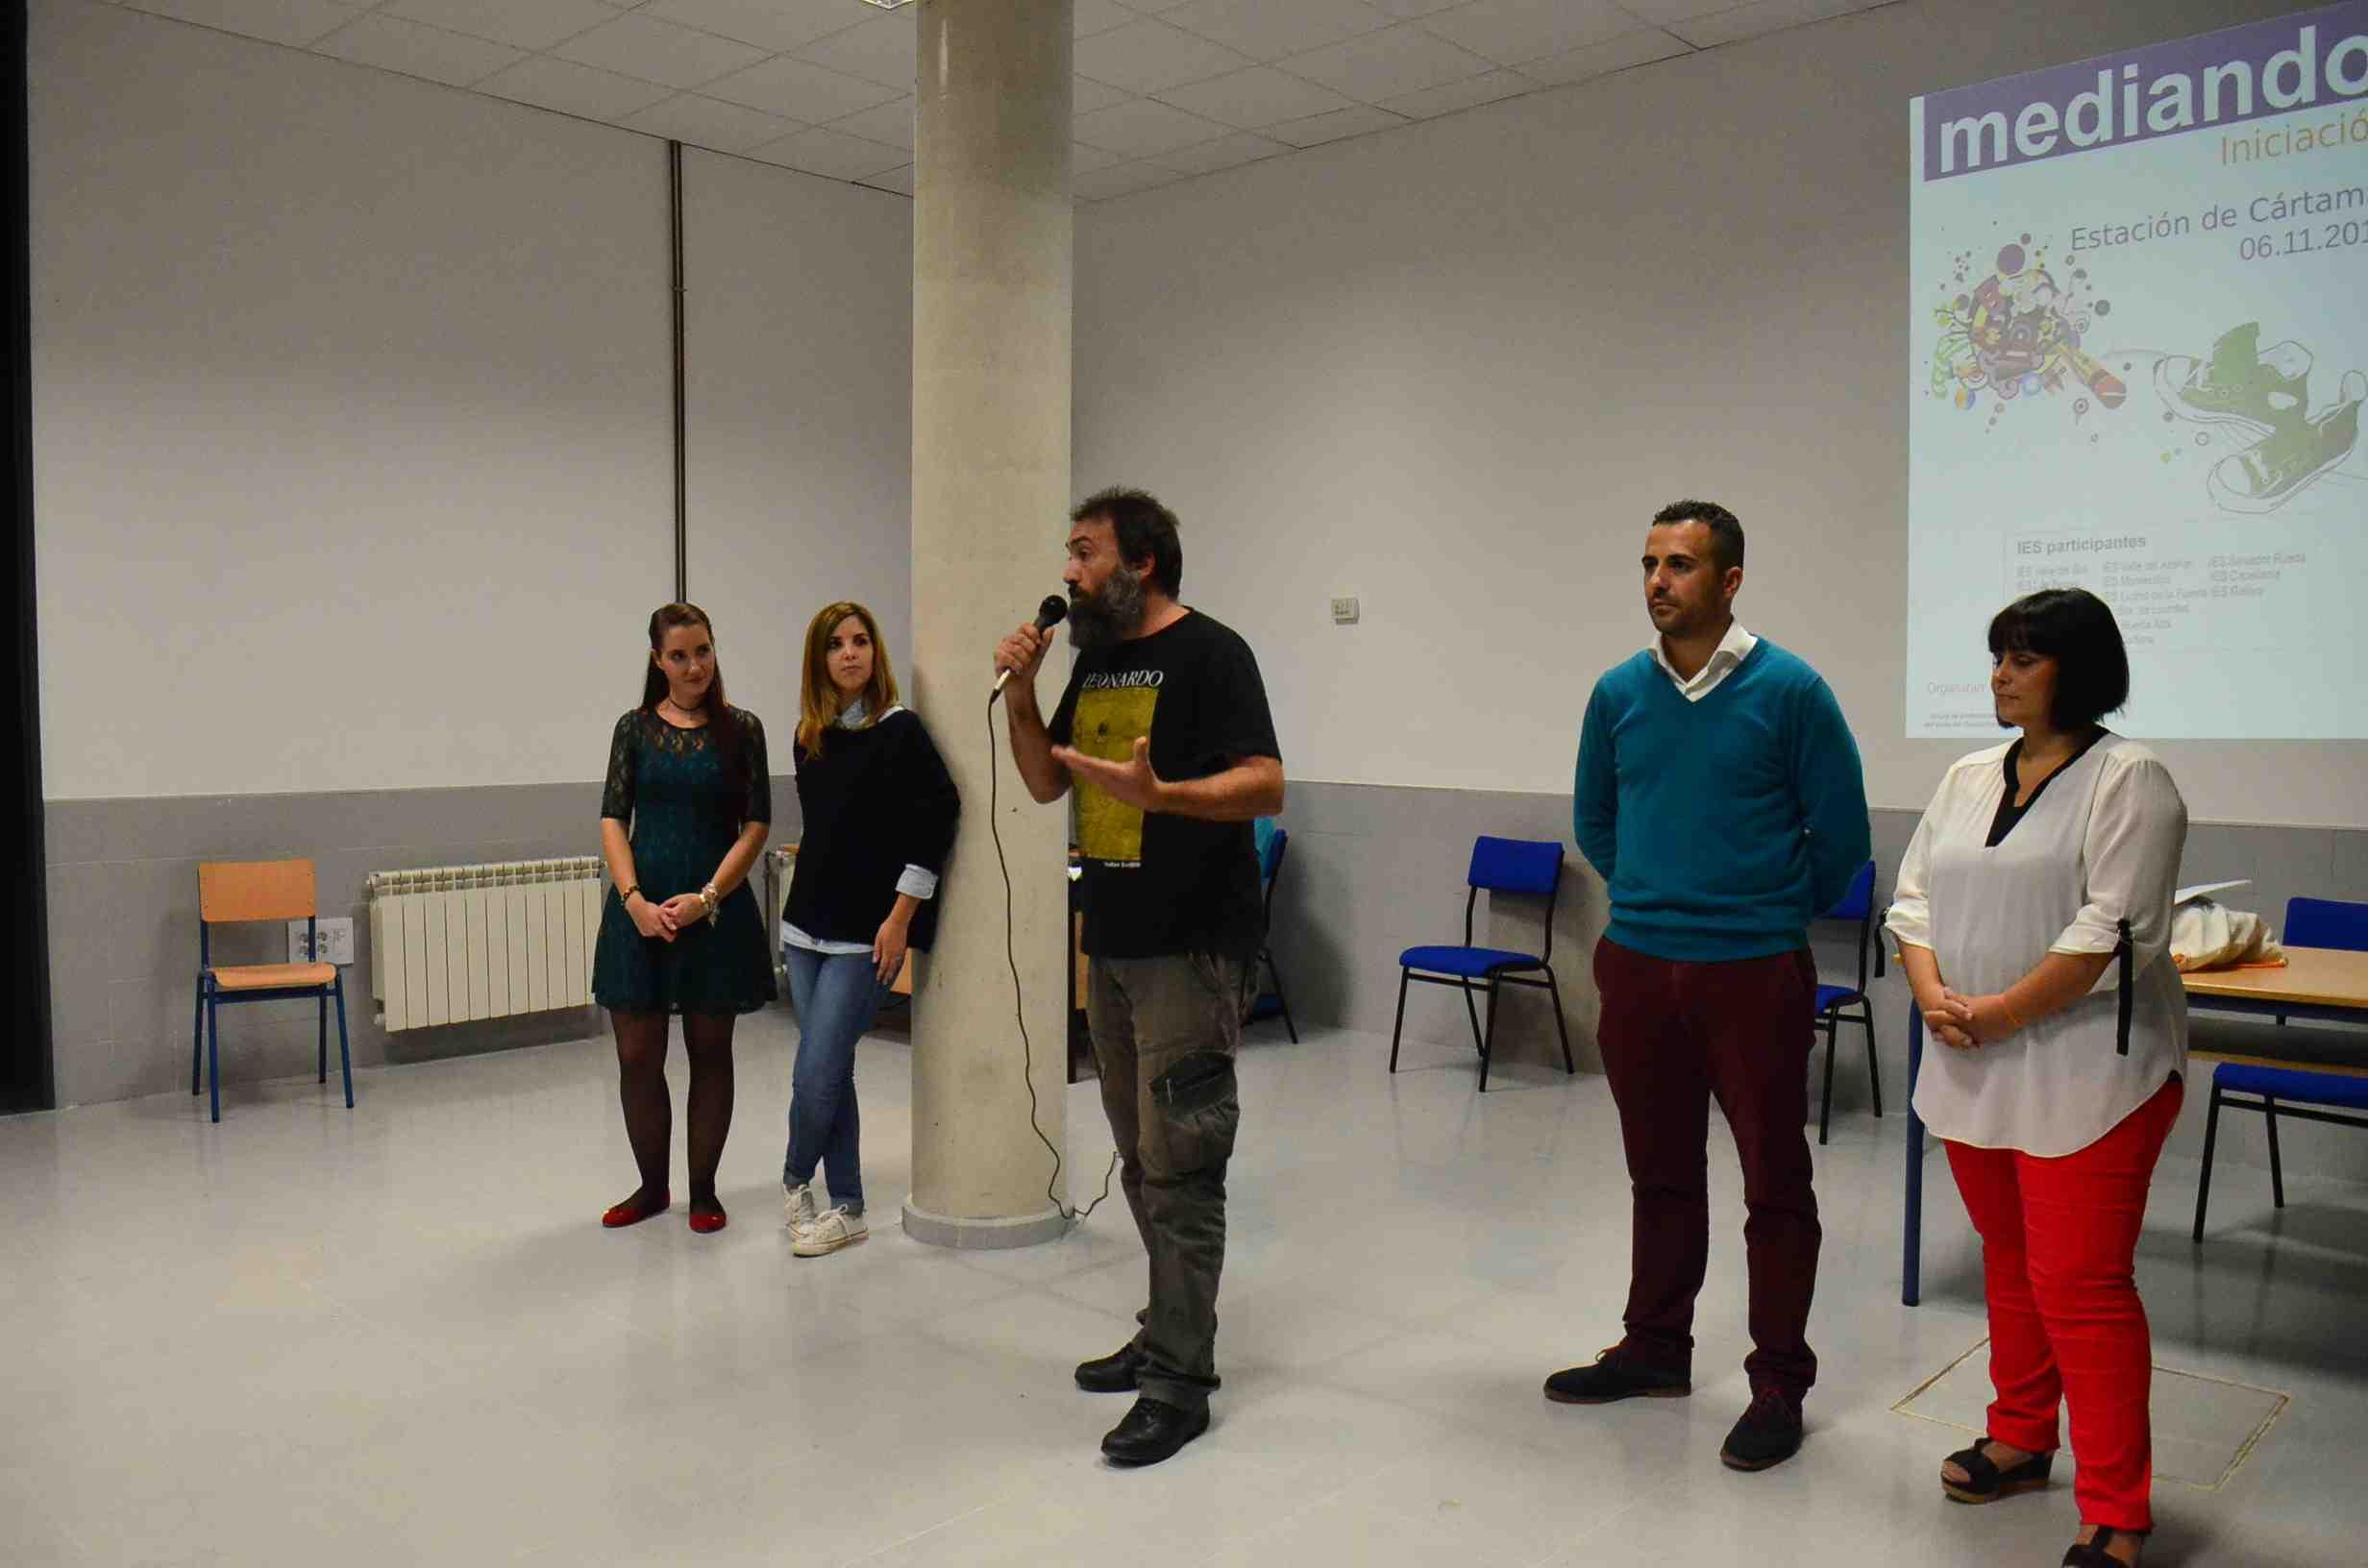 El IES Cartima acoge unas jornadas para formar un nuevo equipo de mediadores